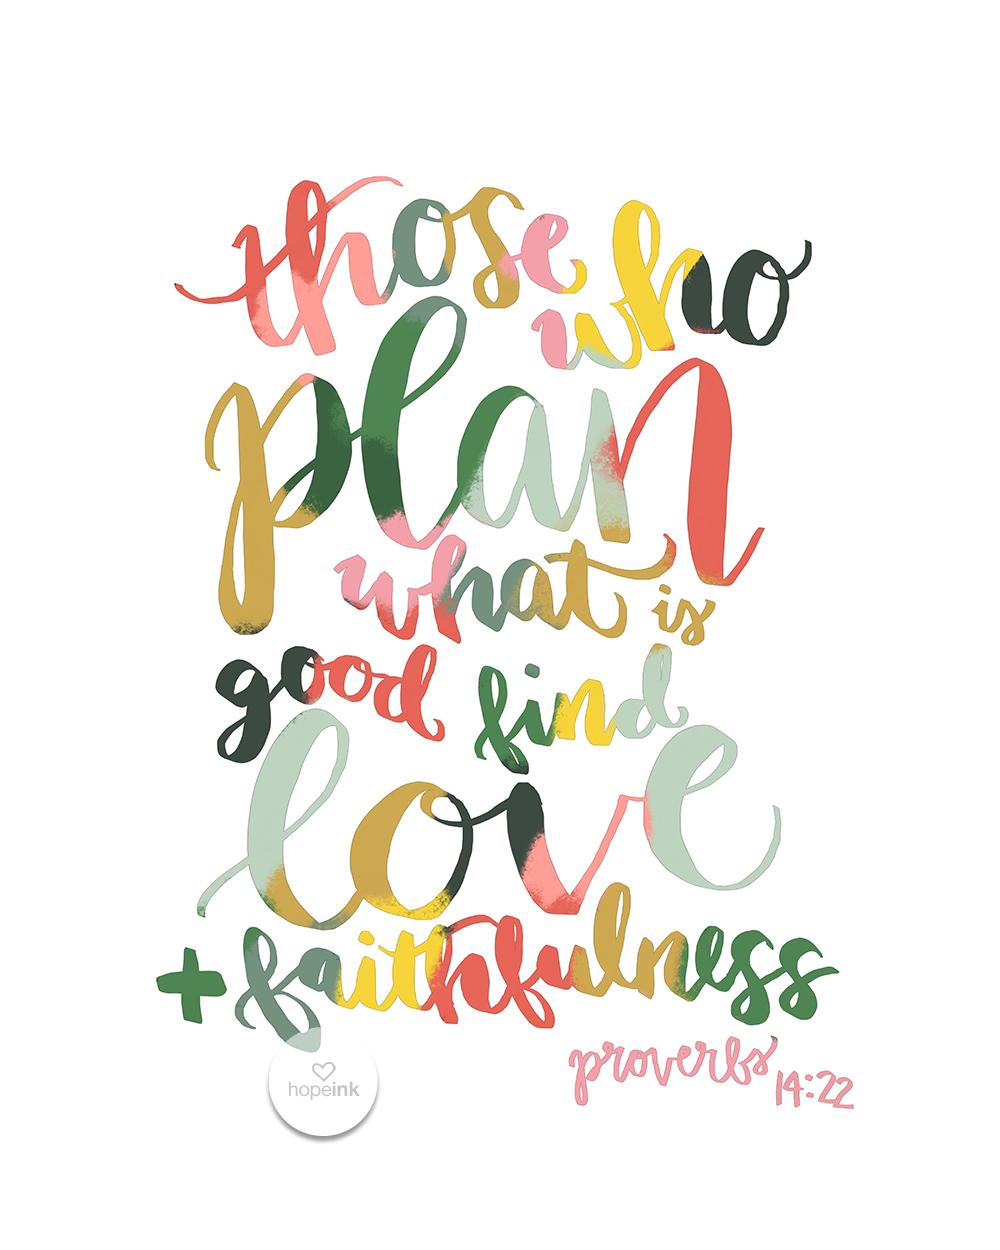 Plan What Is Good | Rainbow Scripture Art by Hope Ink.jpg